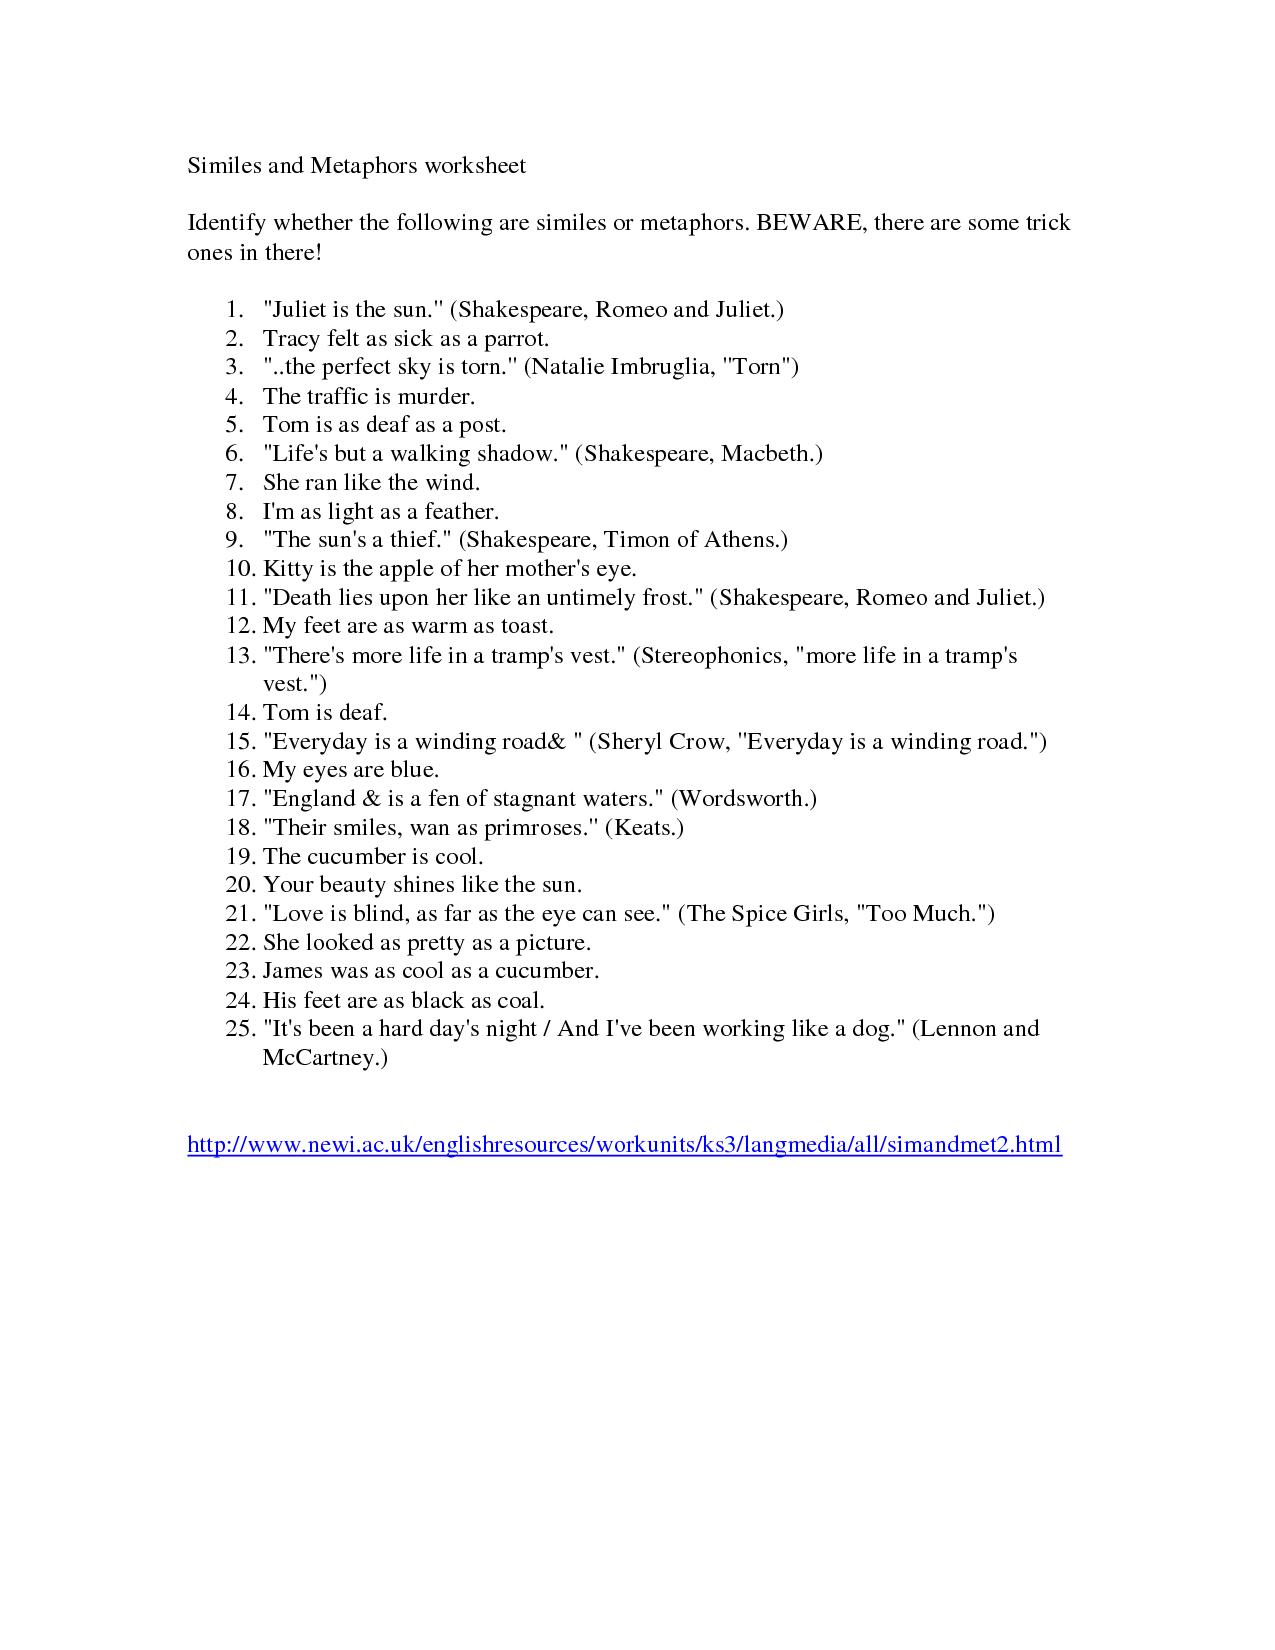 Worksheet List Similes